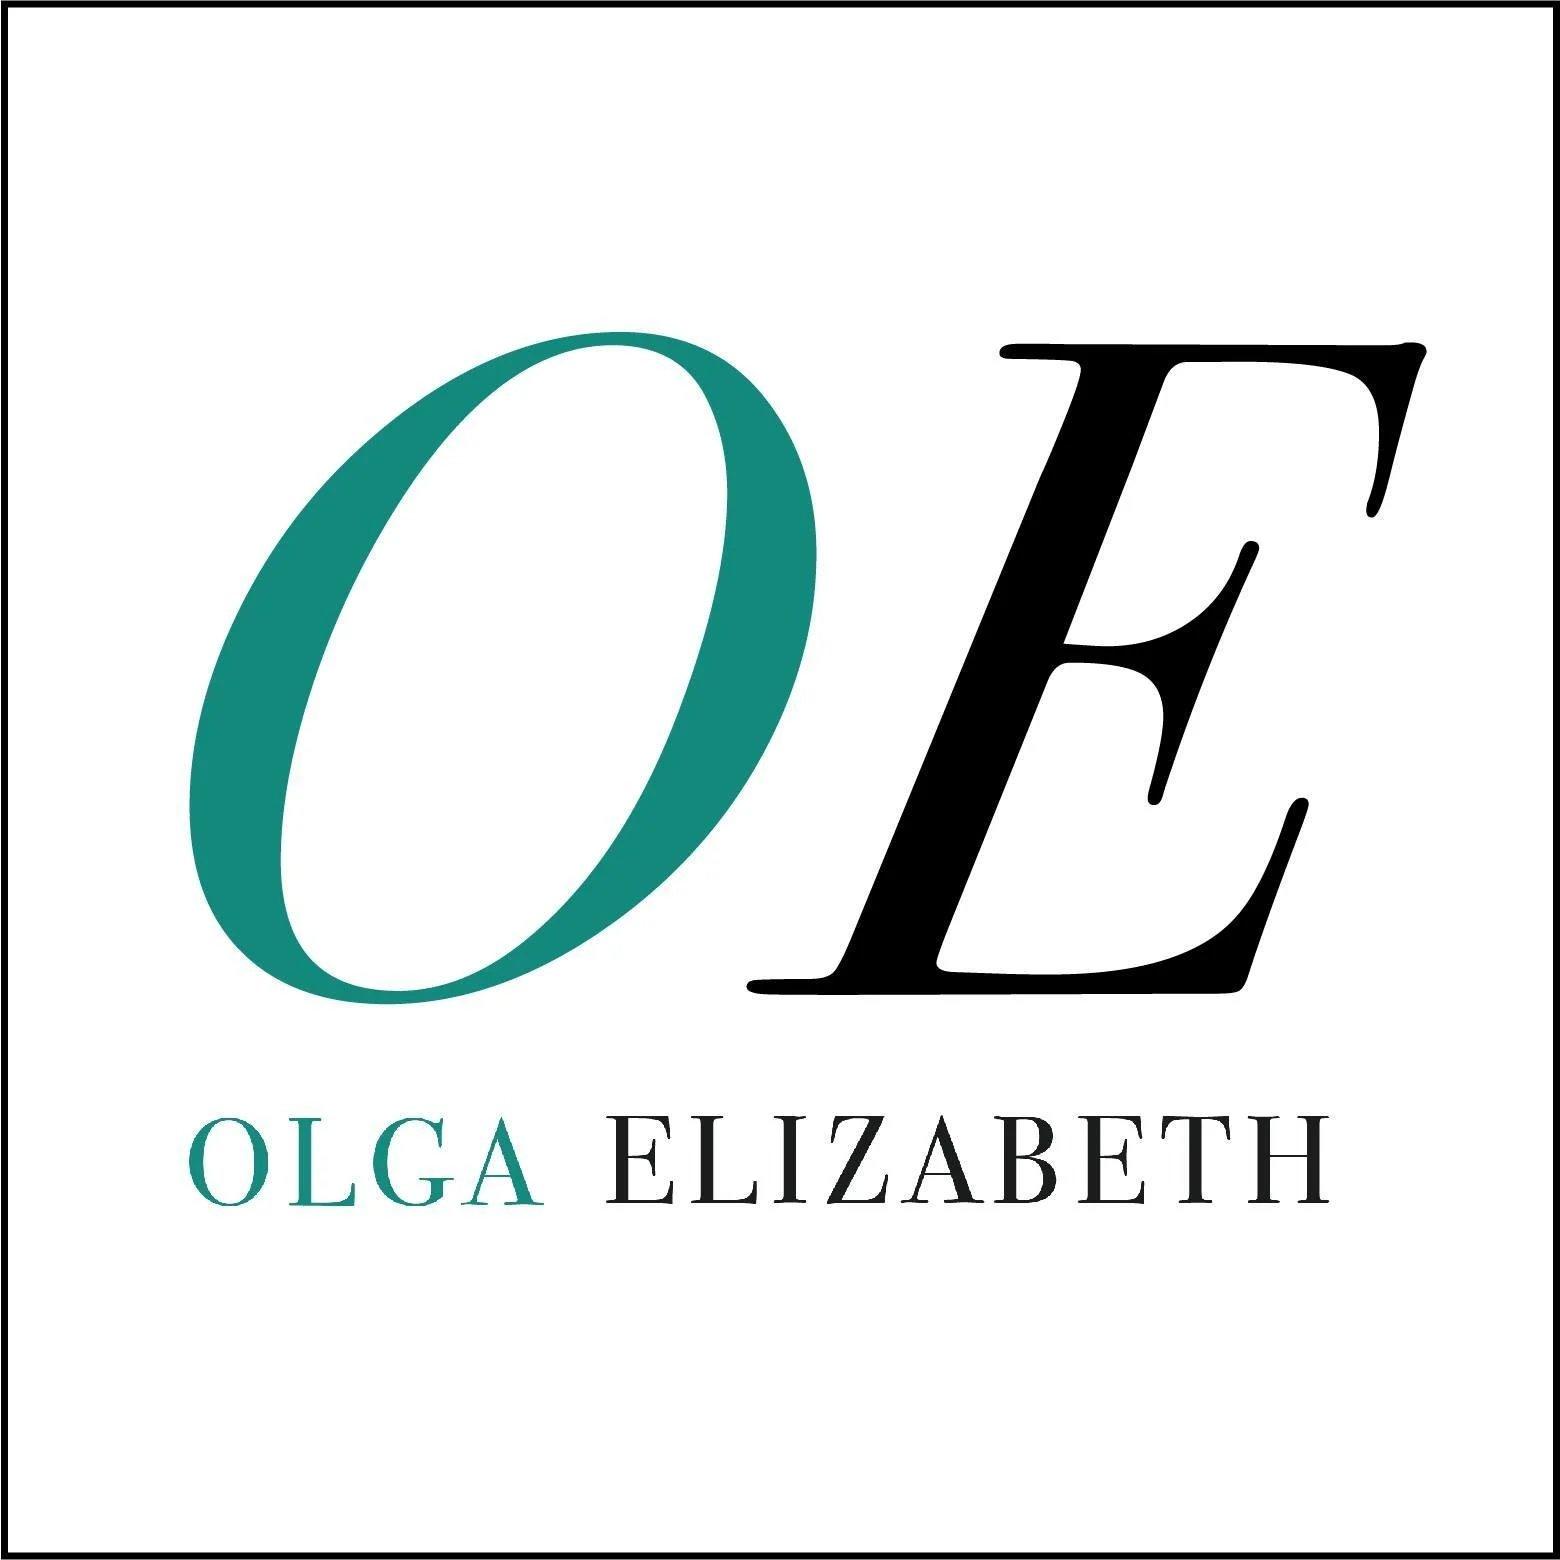 Olga Elizabeth Designs